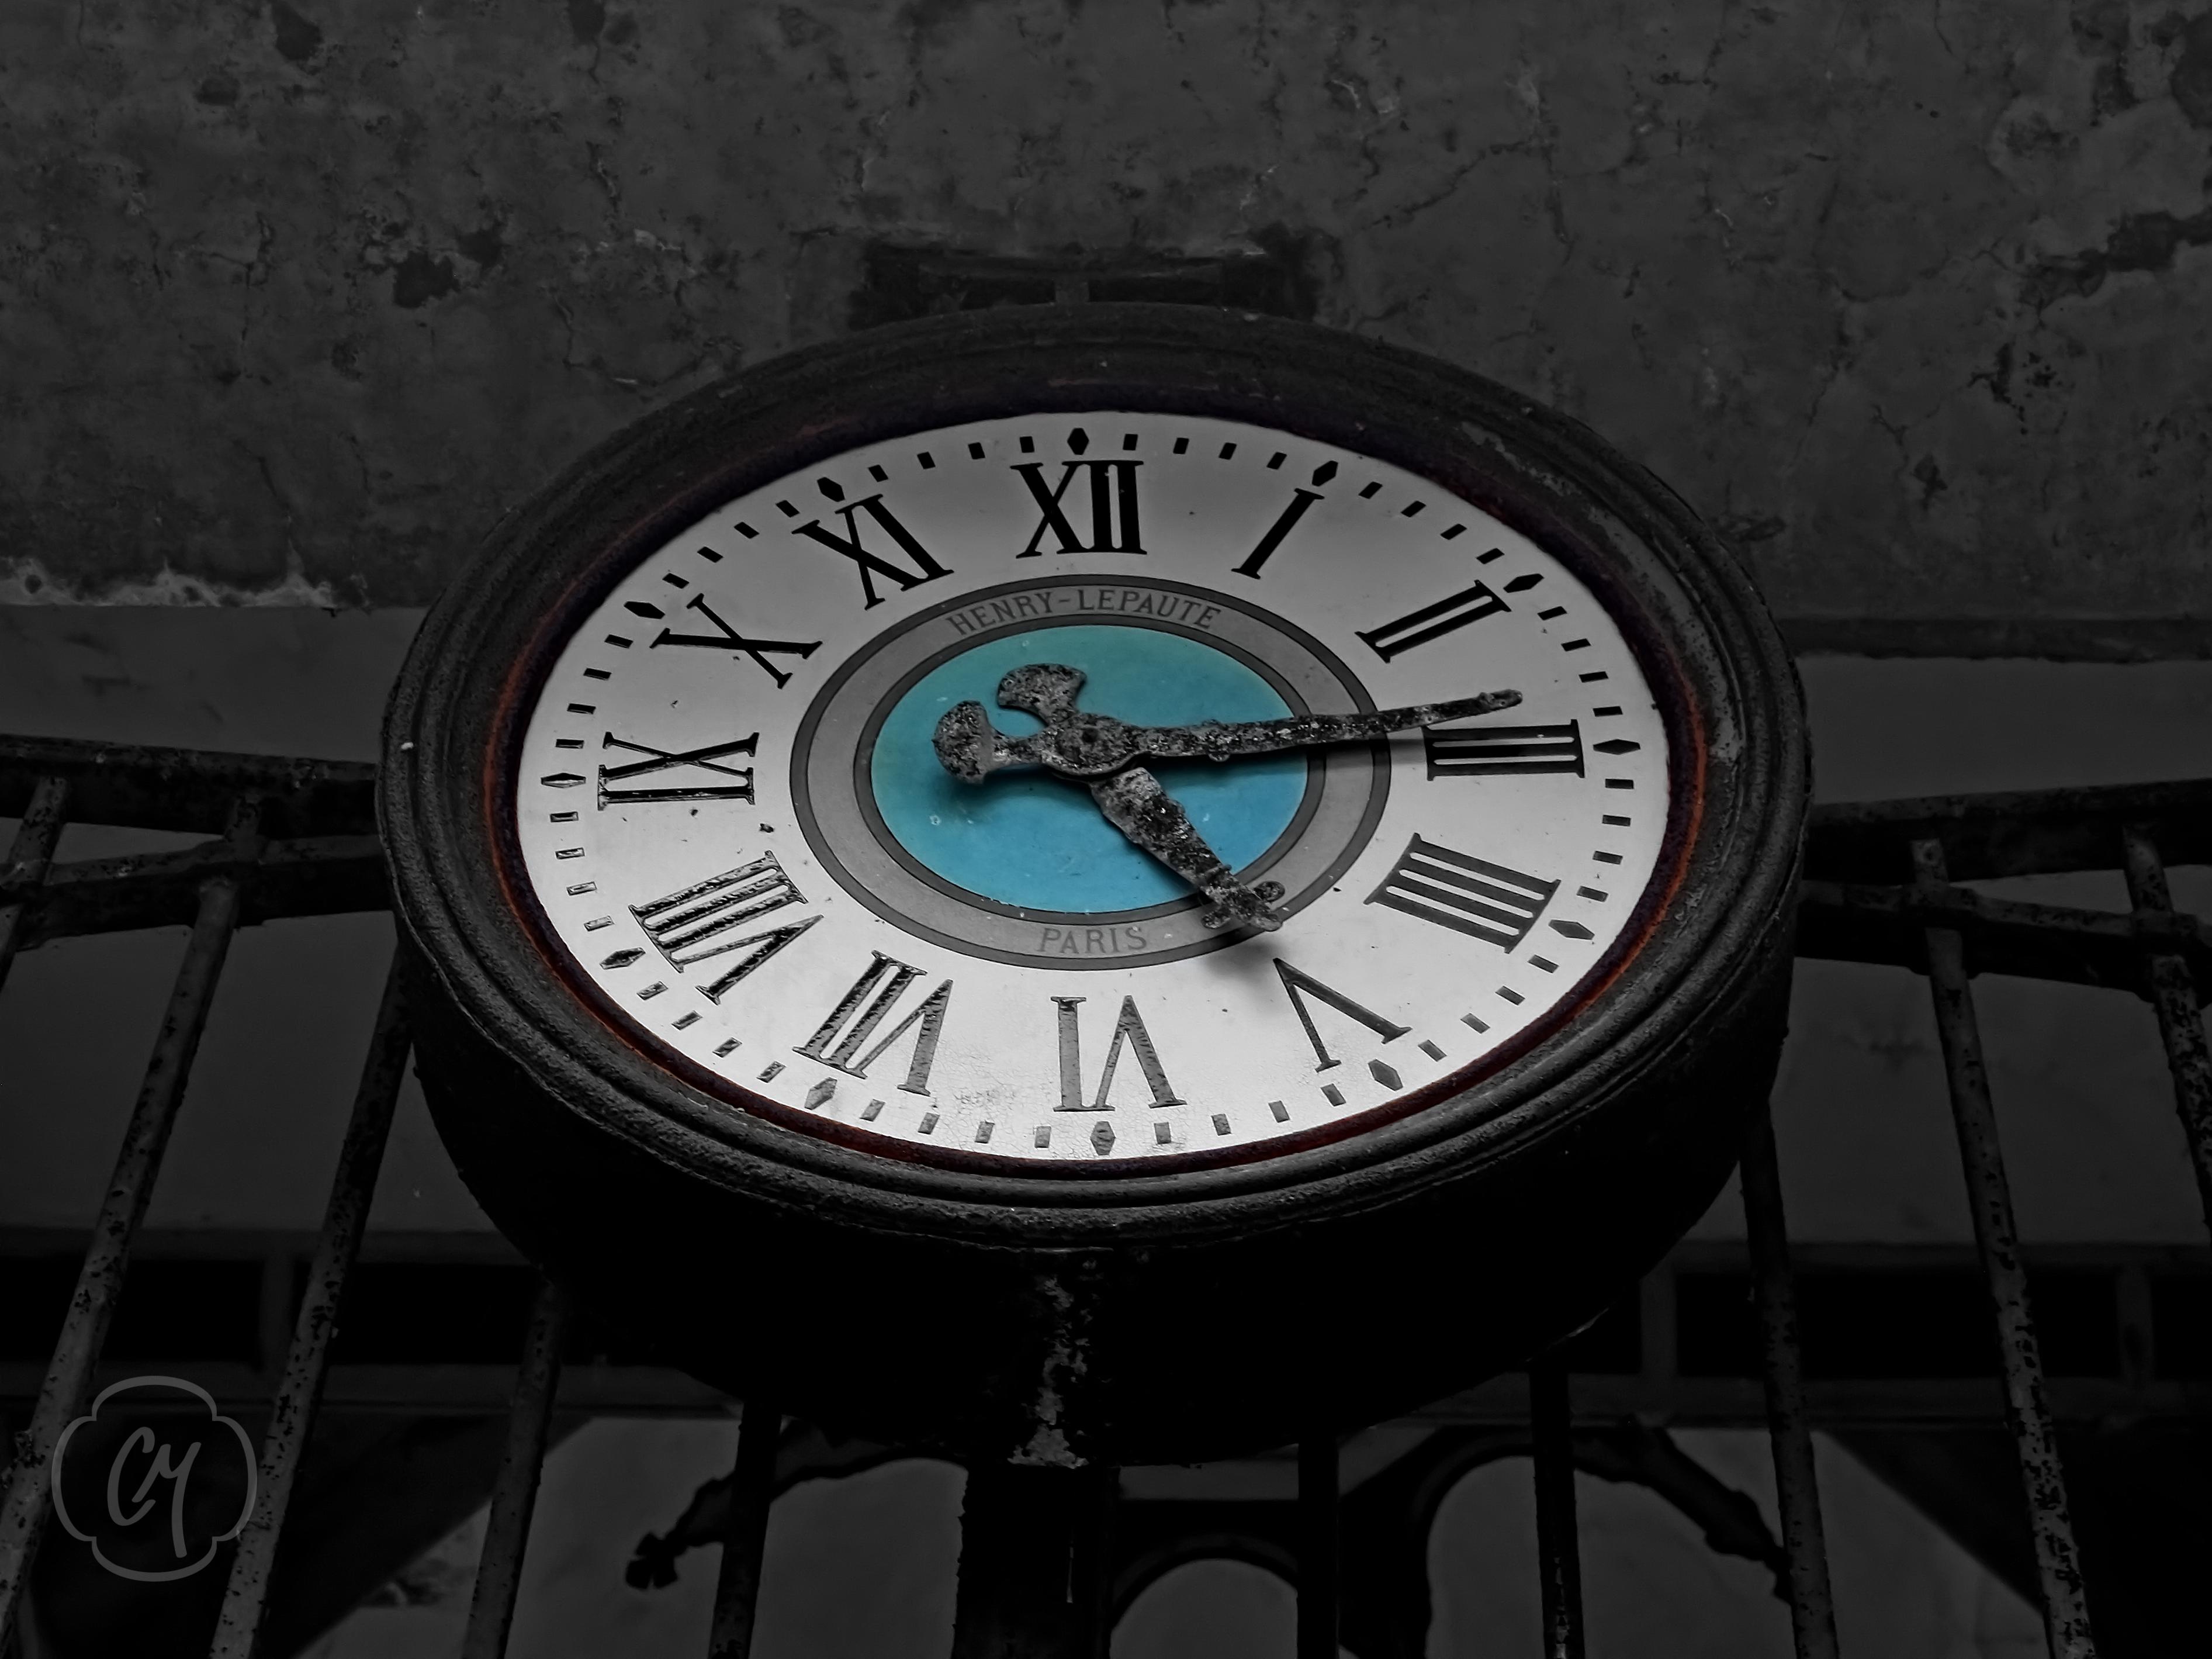 Le temps s'est arrêté